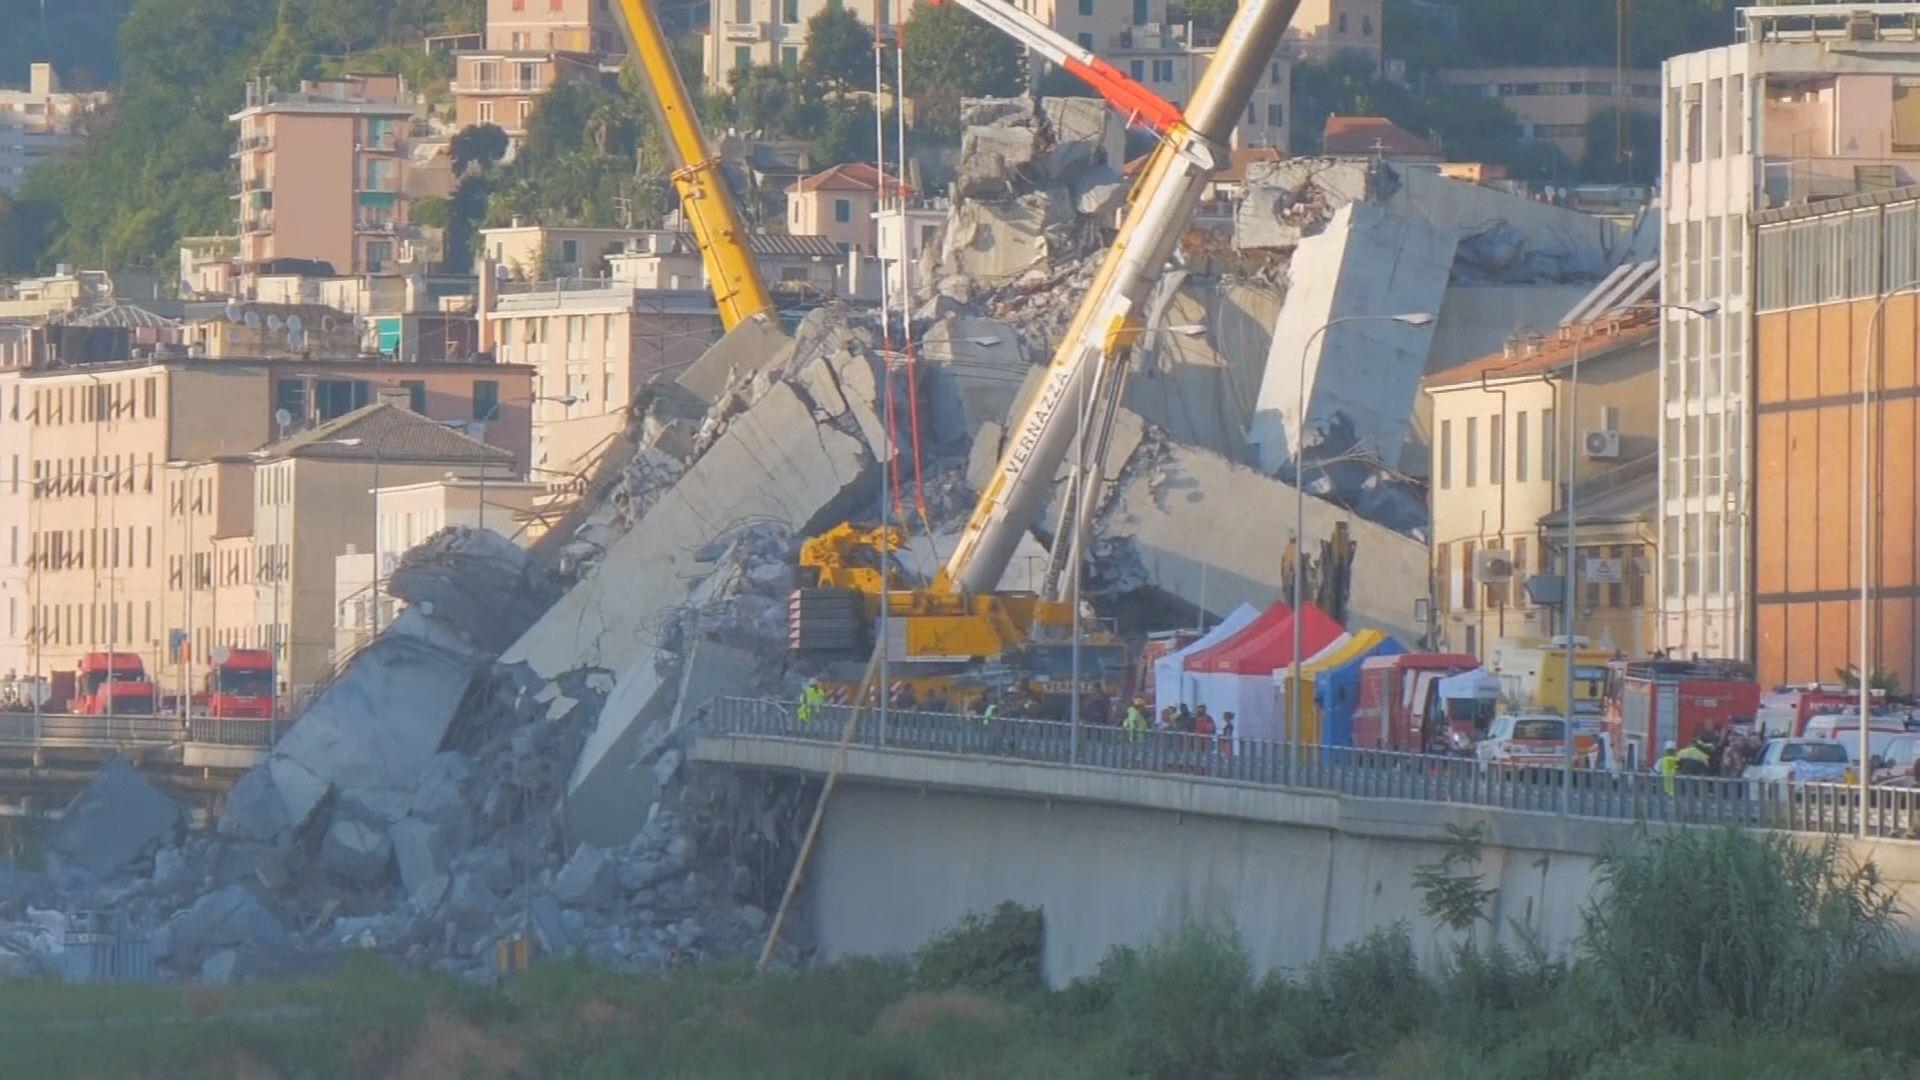 意大利大橋倒塌 當局撤走逾六百人